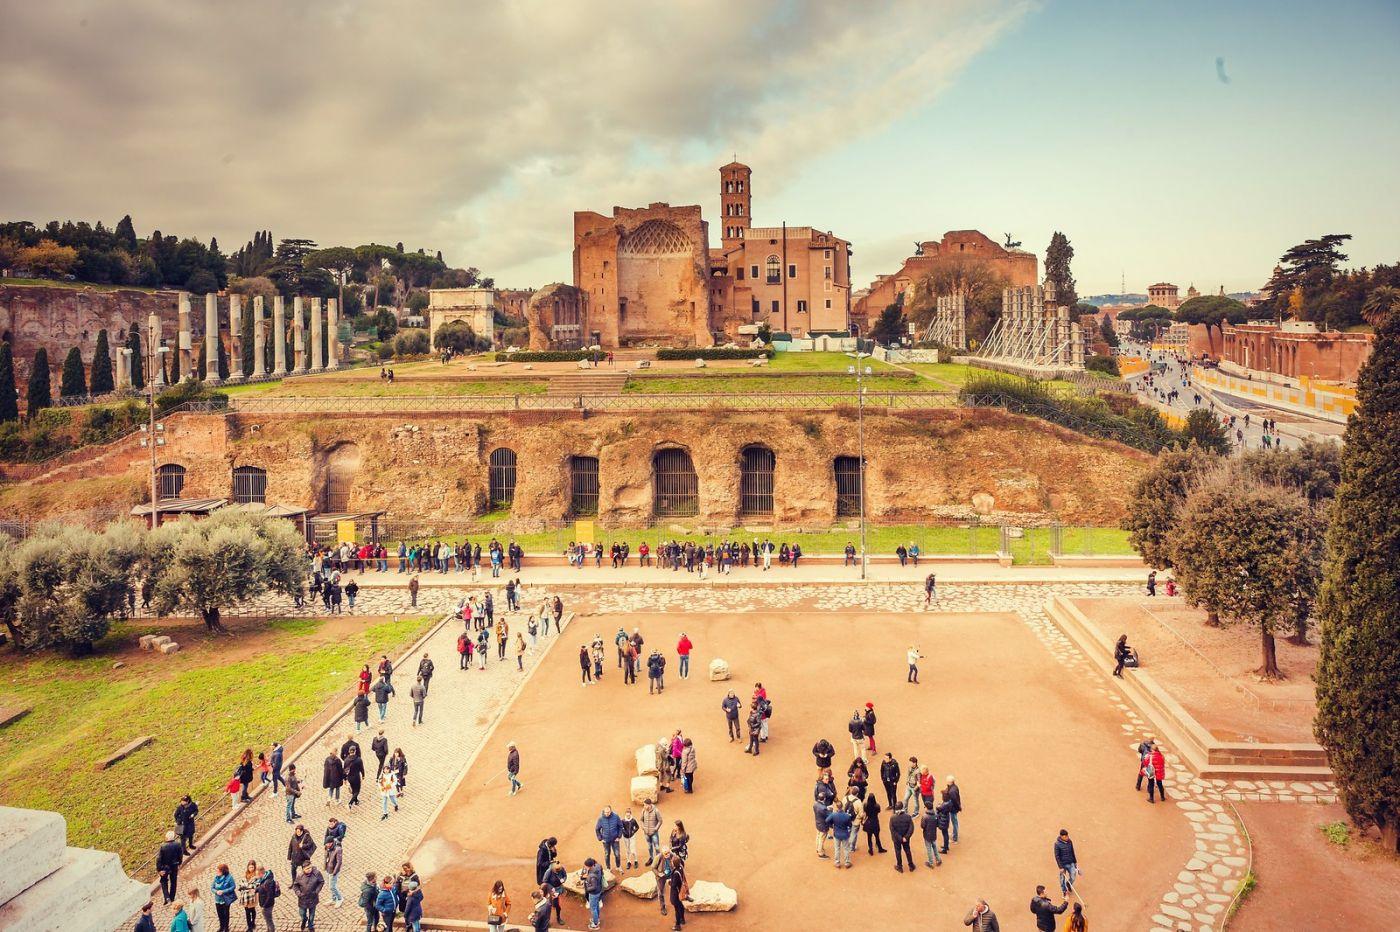 意大利罗马论坛,很敬佩_图1-34